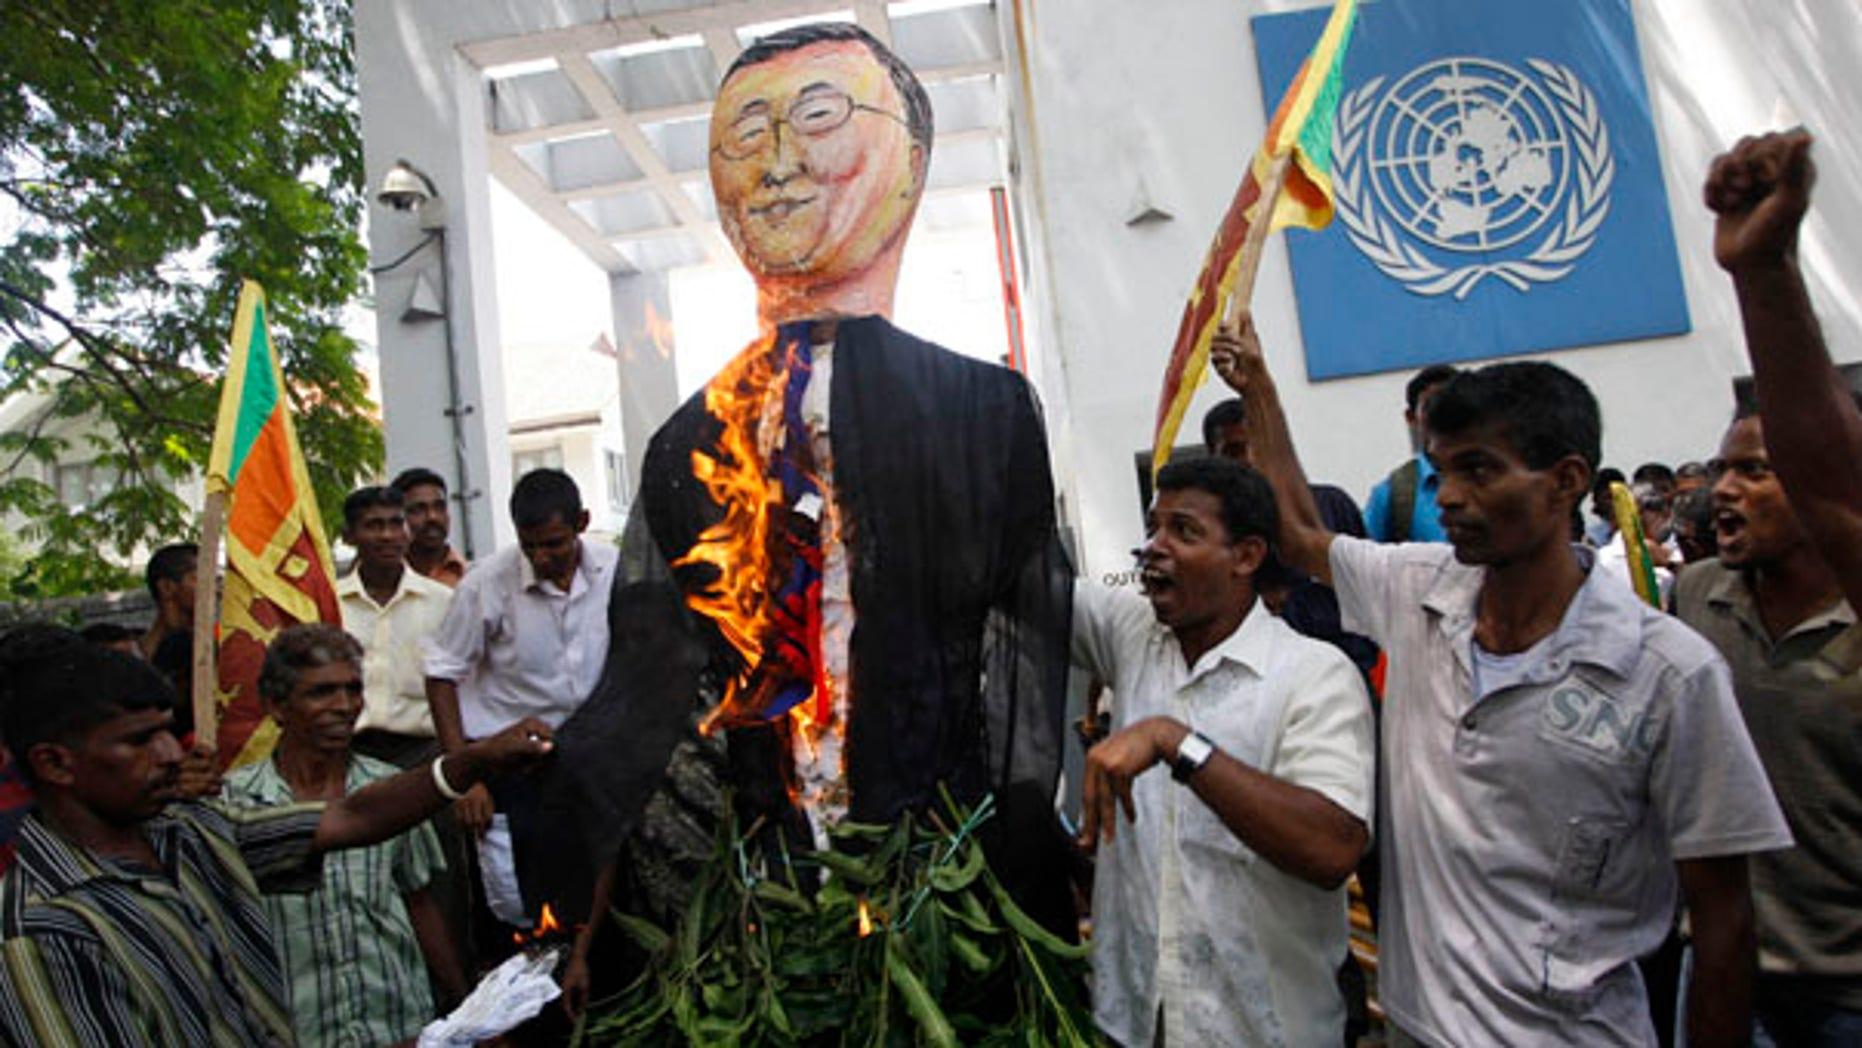 July 6: Sri Lankan protesters wave their national flags and burn an effigy of U.N. Secretary General Ban Ki-moon outside the U.N. office in Colombo, Sri Lanka.